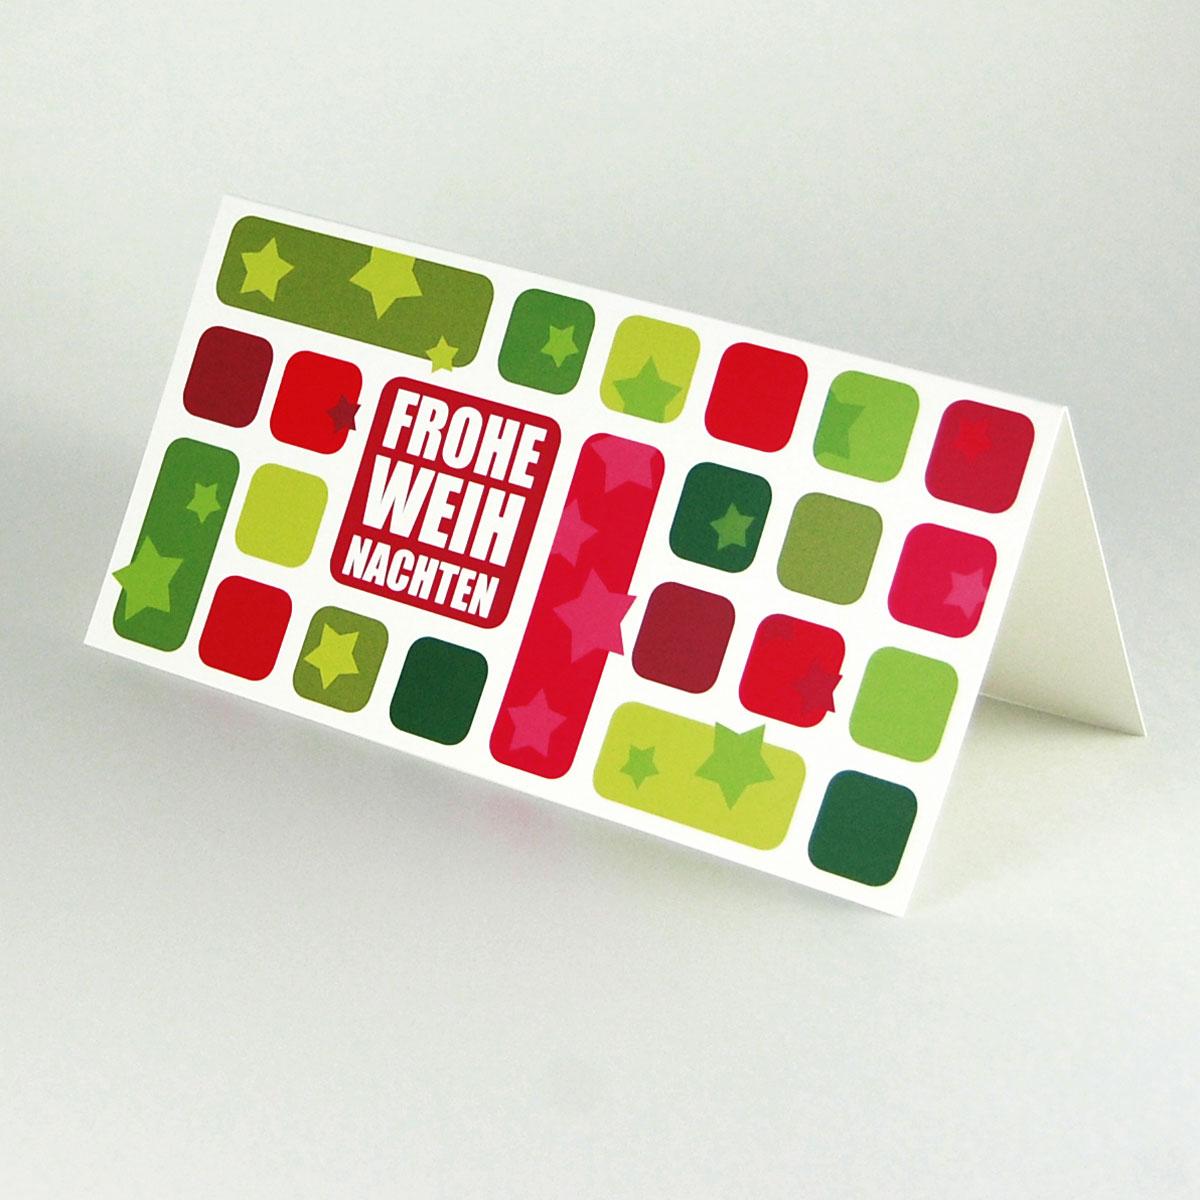 Digitale Weihnachtskarten.Moderne Weihnachtskarten Fur Firmen Frohe Weihnachten